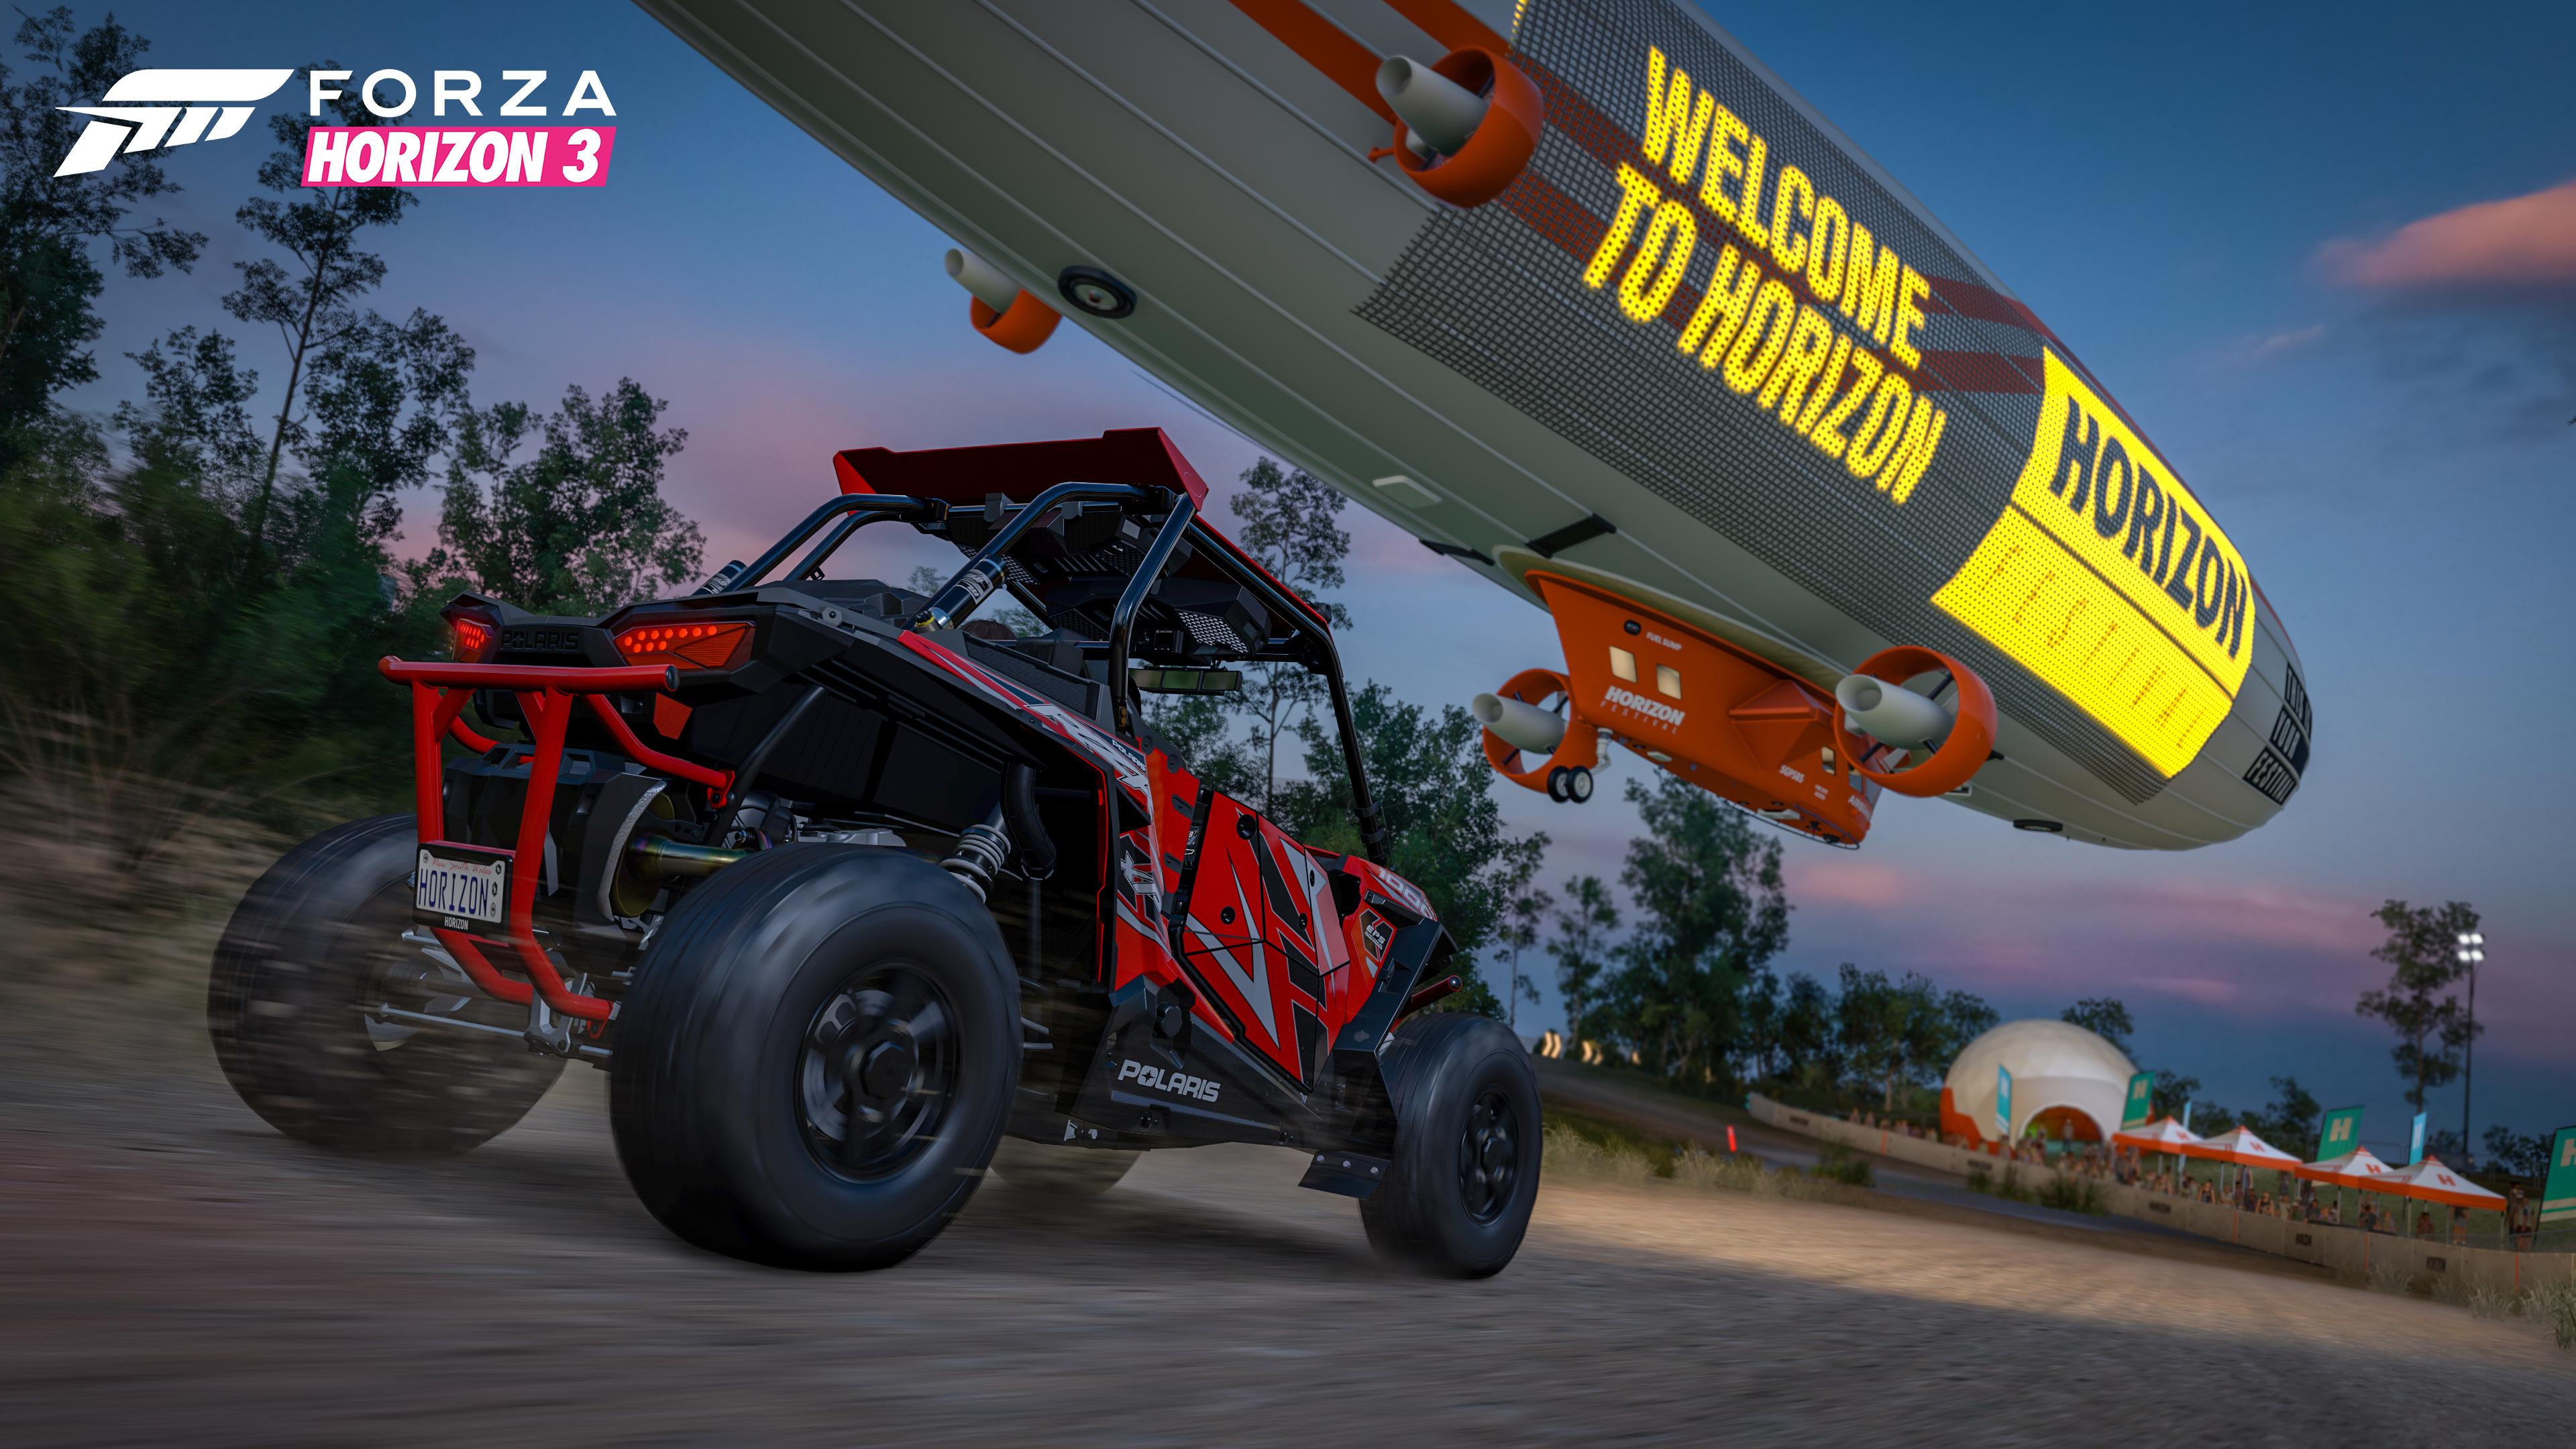 ForzaHorizon3 Multi Editeur 016